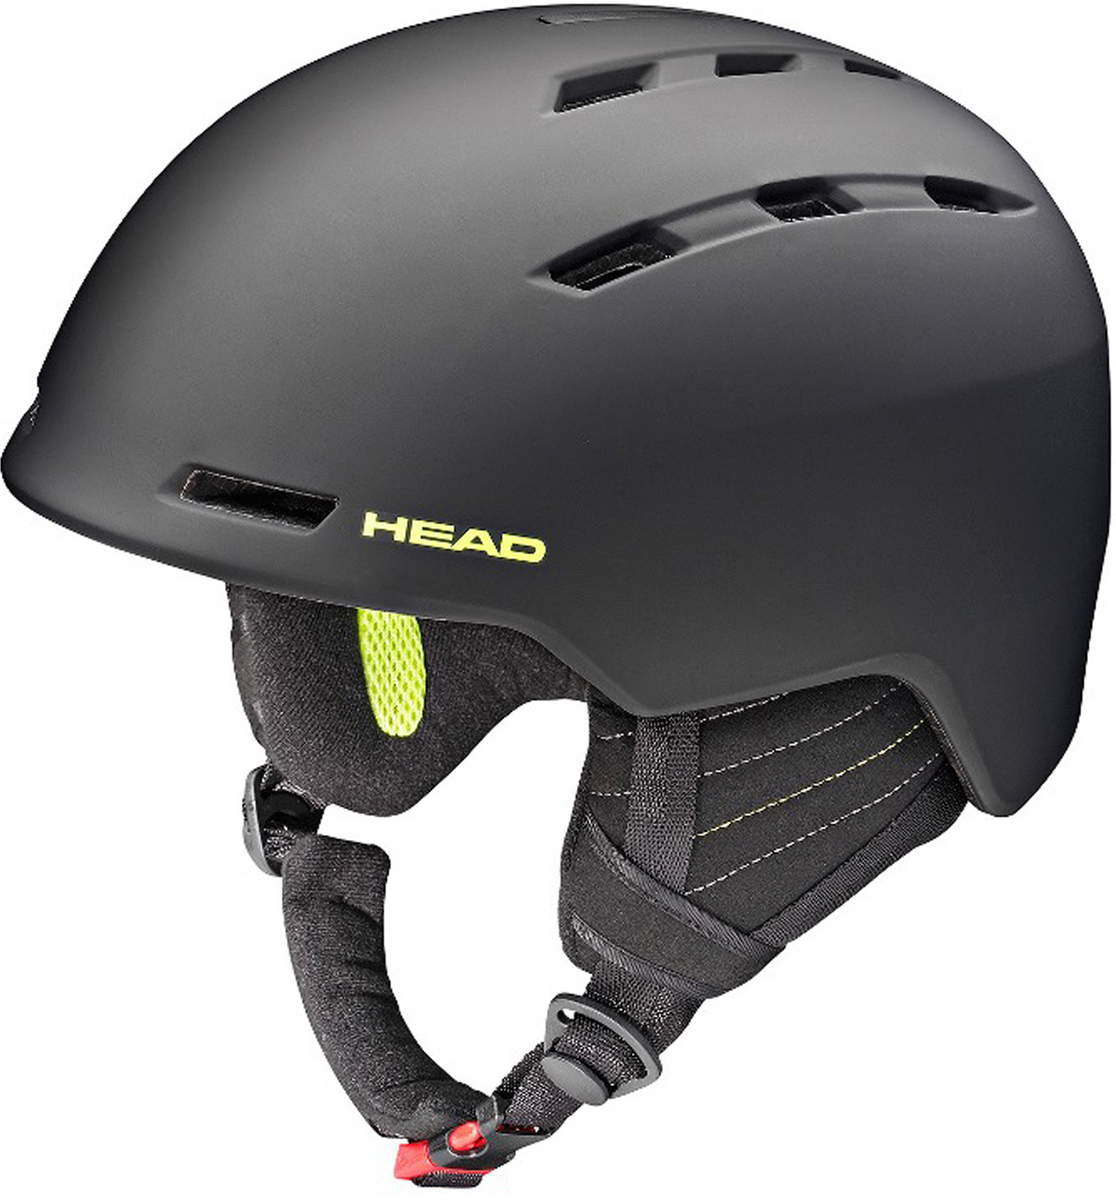 Шлем для горных лыж и сноуборда HEAD  Vico . Размер XL/XXL (60-63) - Горные лыжи